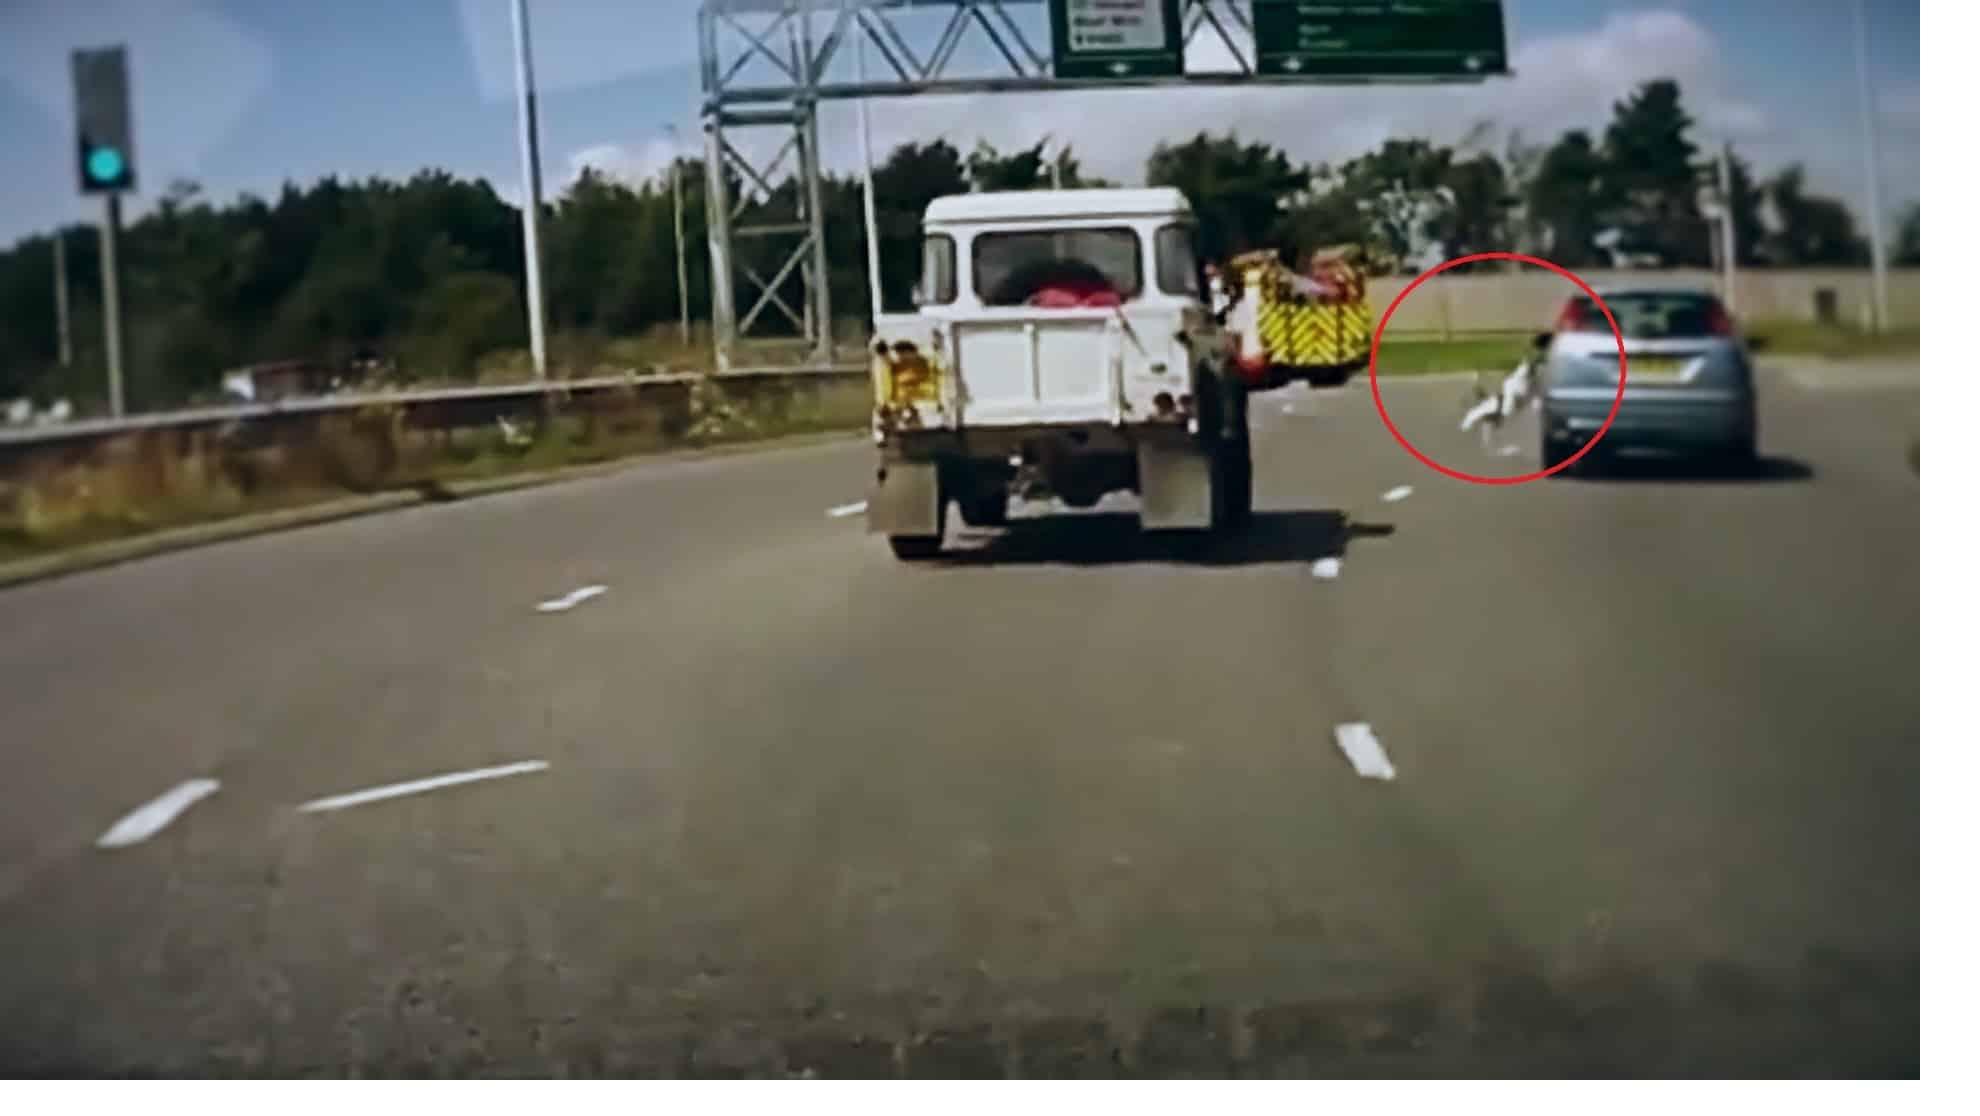 #Video Perro cae de un coche en marcha en una autopista de Reino Unido 14